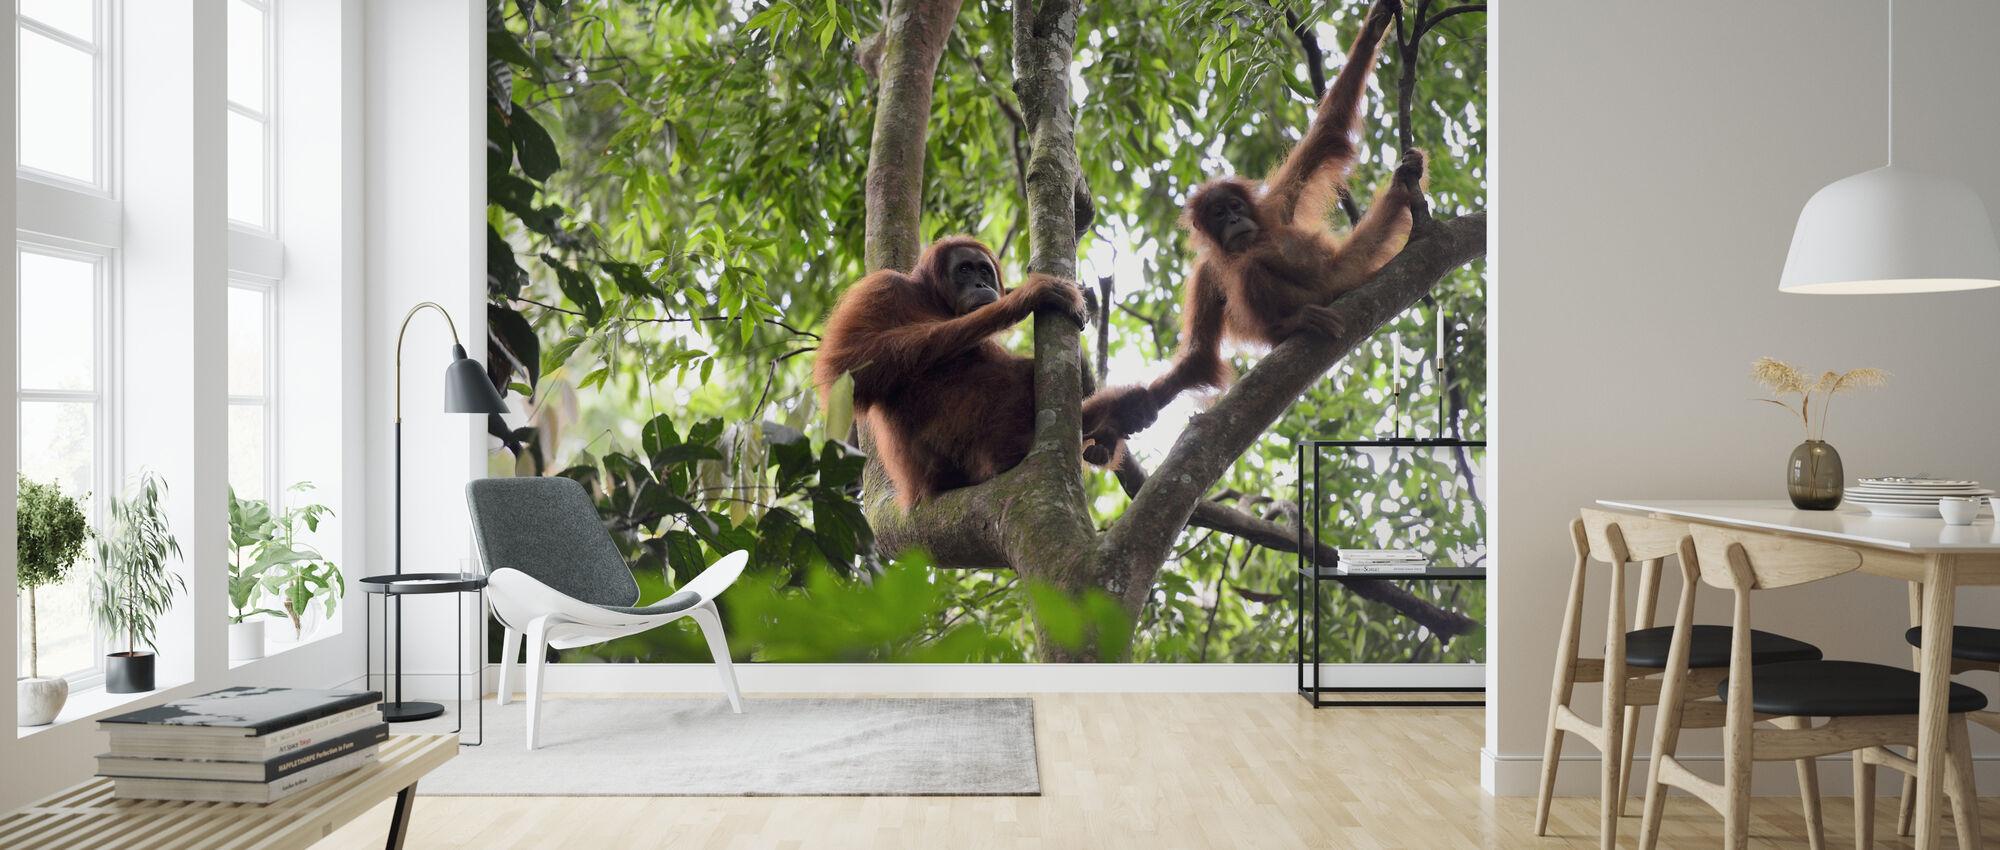 Orangutang för kvinnor och spädbarn - Tapet - Vardagsrum